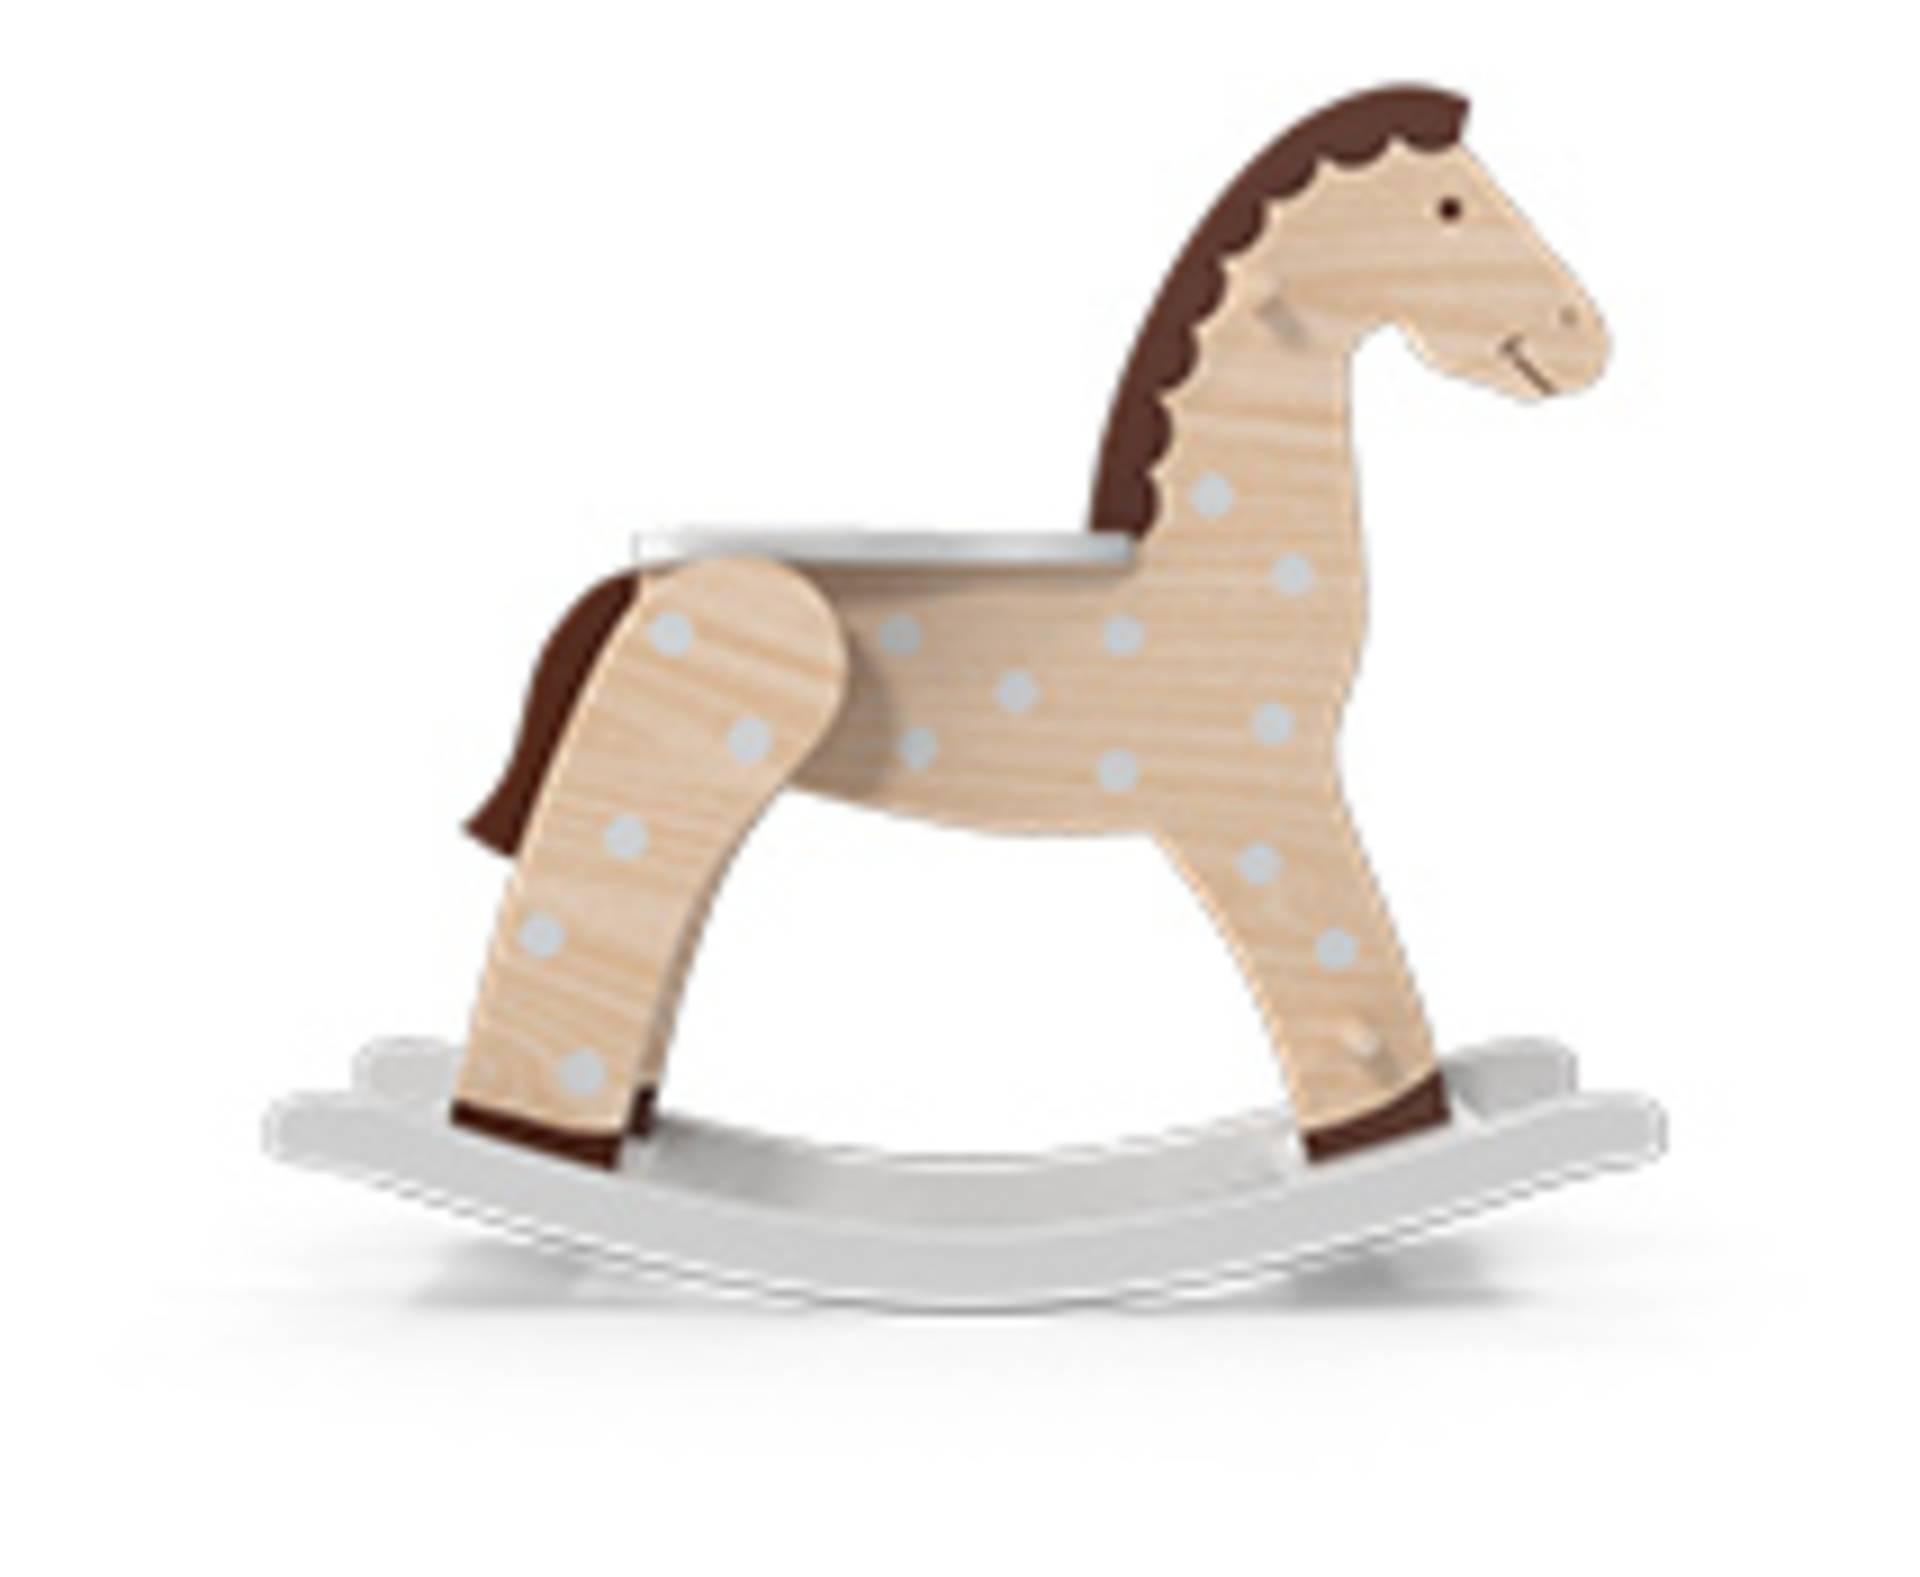 תמונה של סוס מעץ